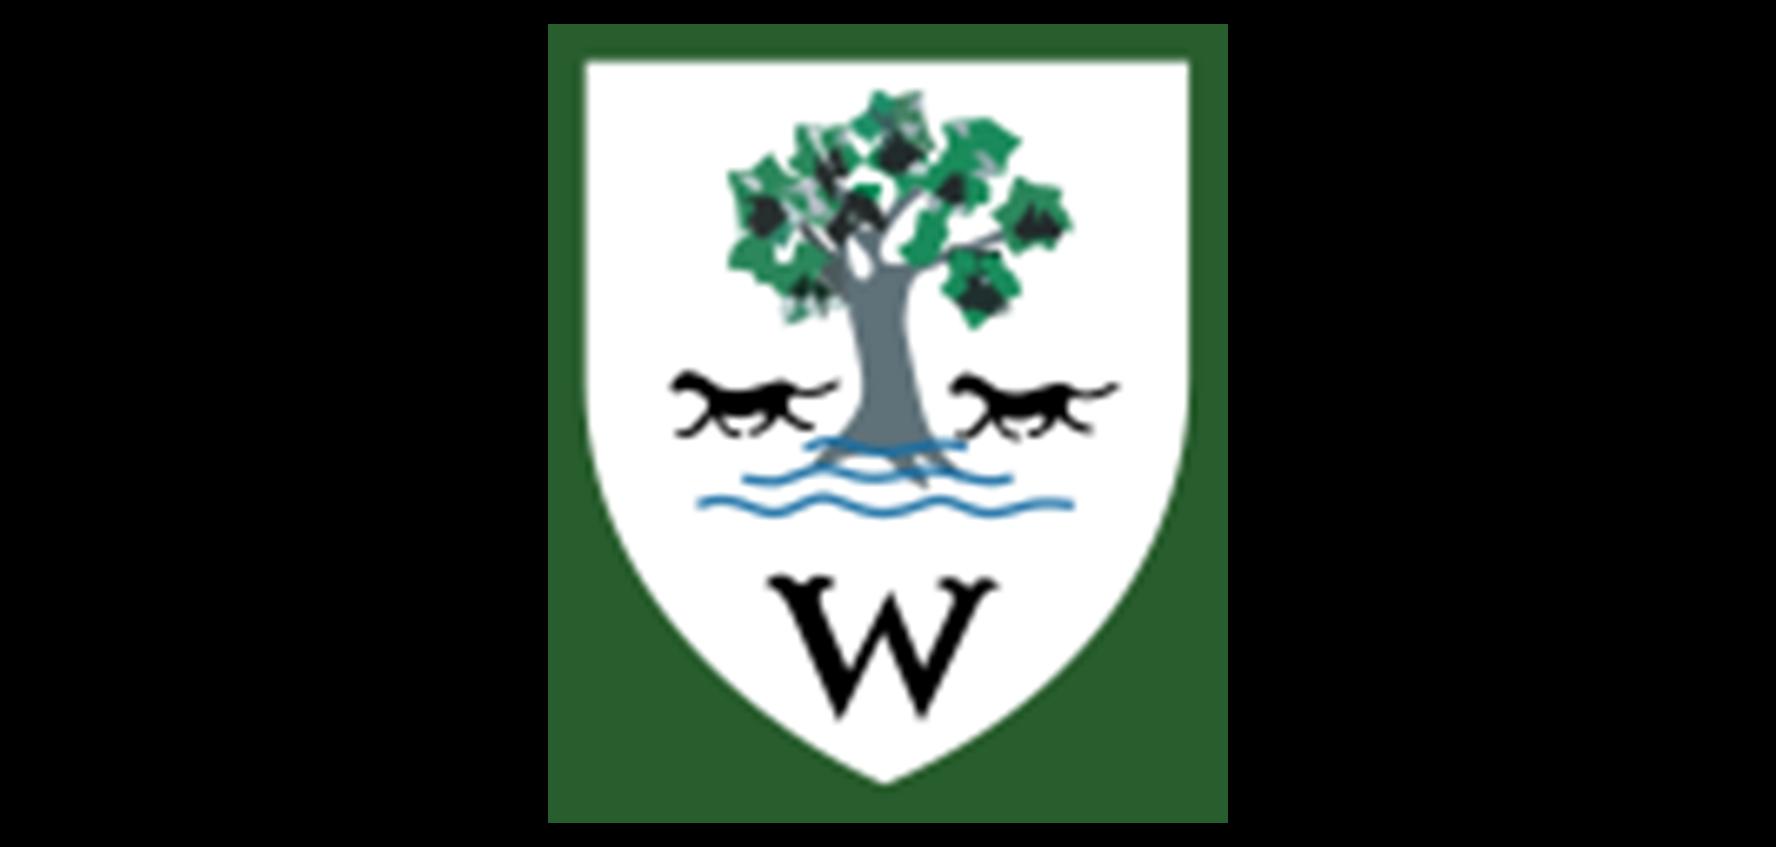 Woodrush